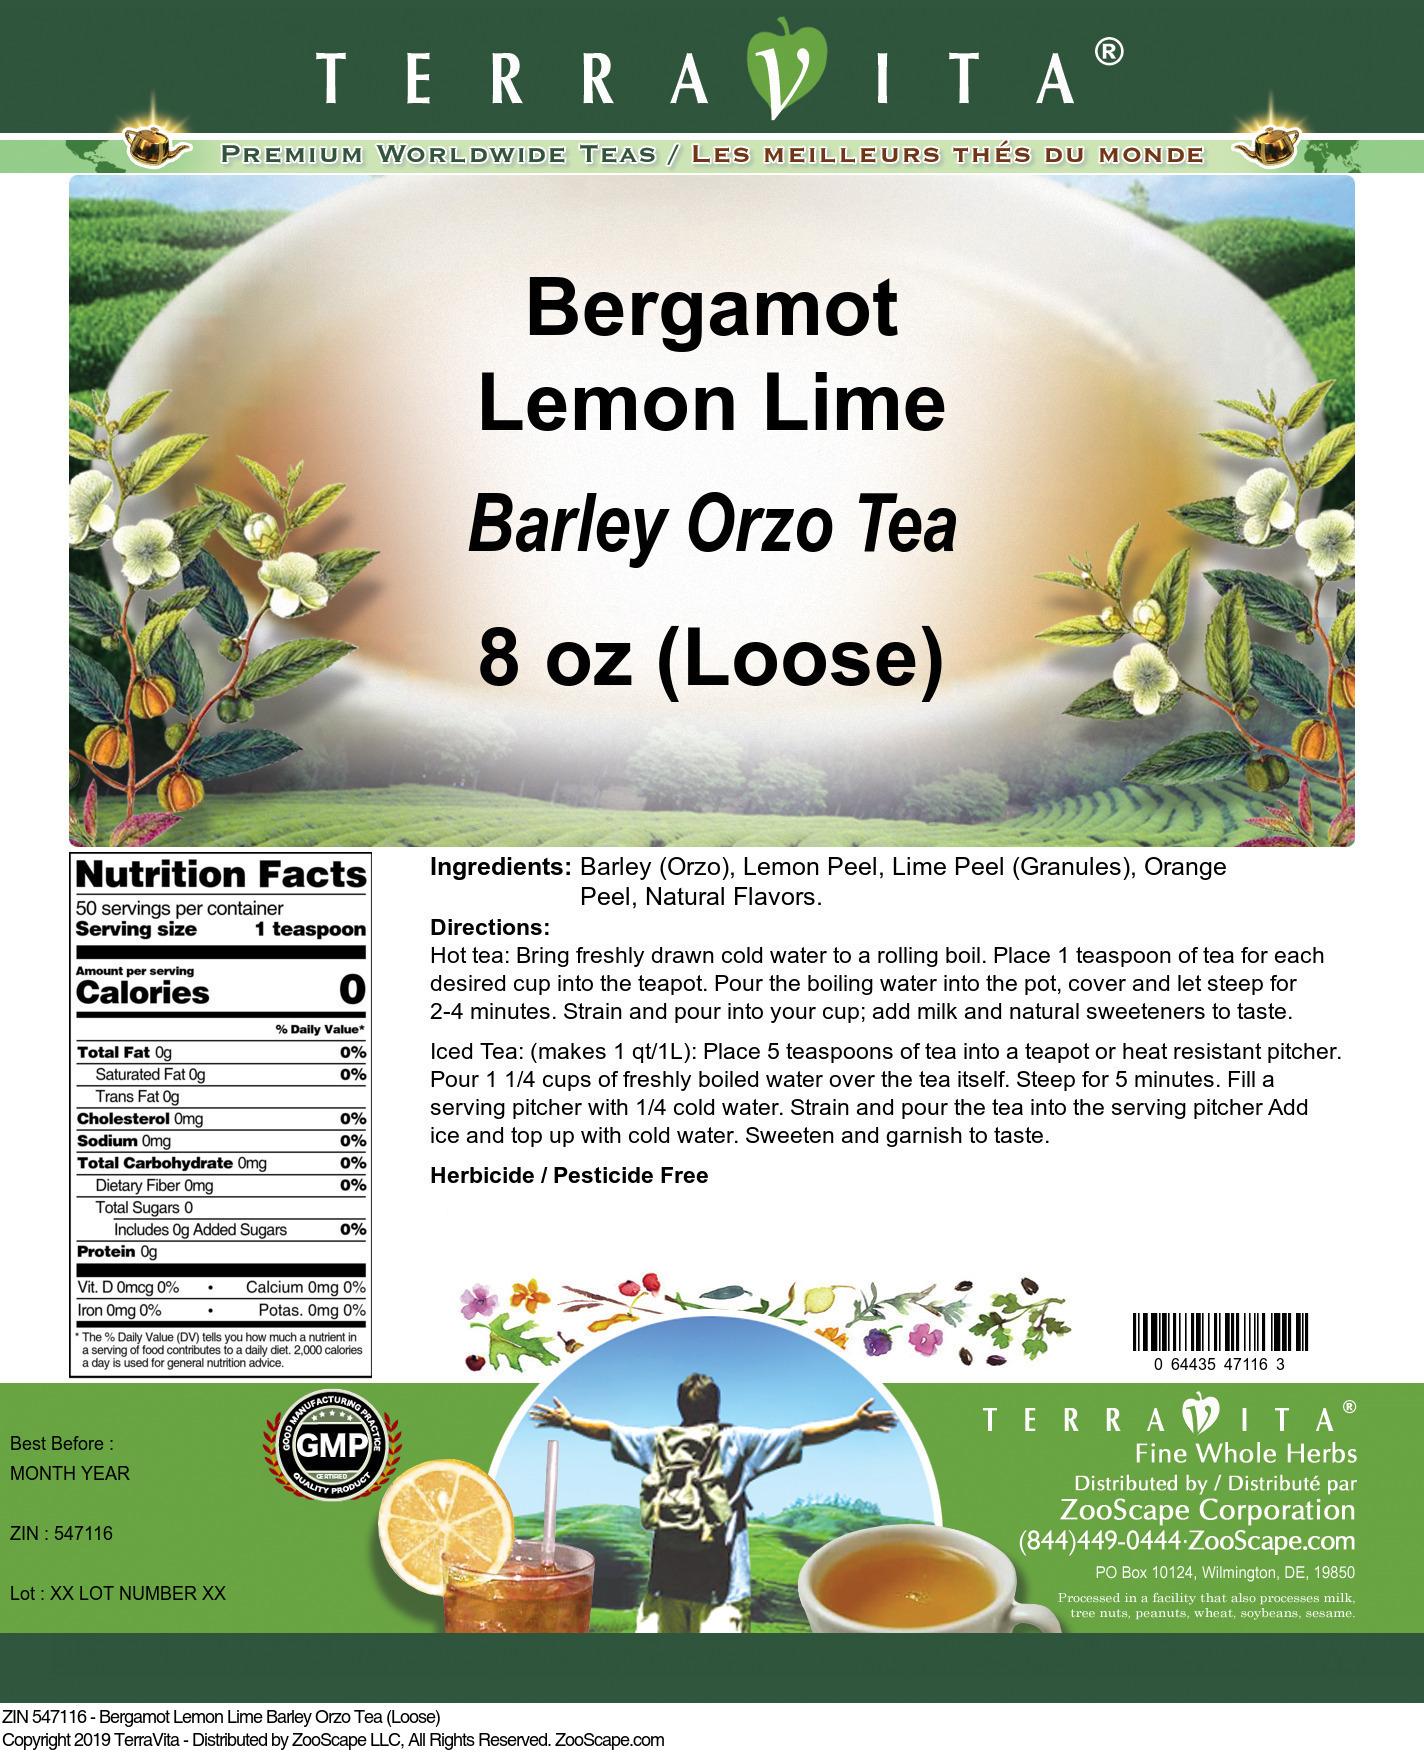 Bergamot Lemon Lime Barley Orzo Tea (Loose)